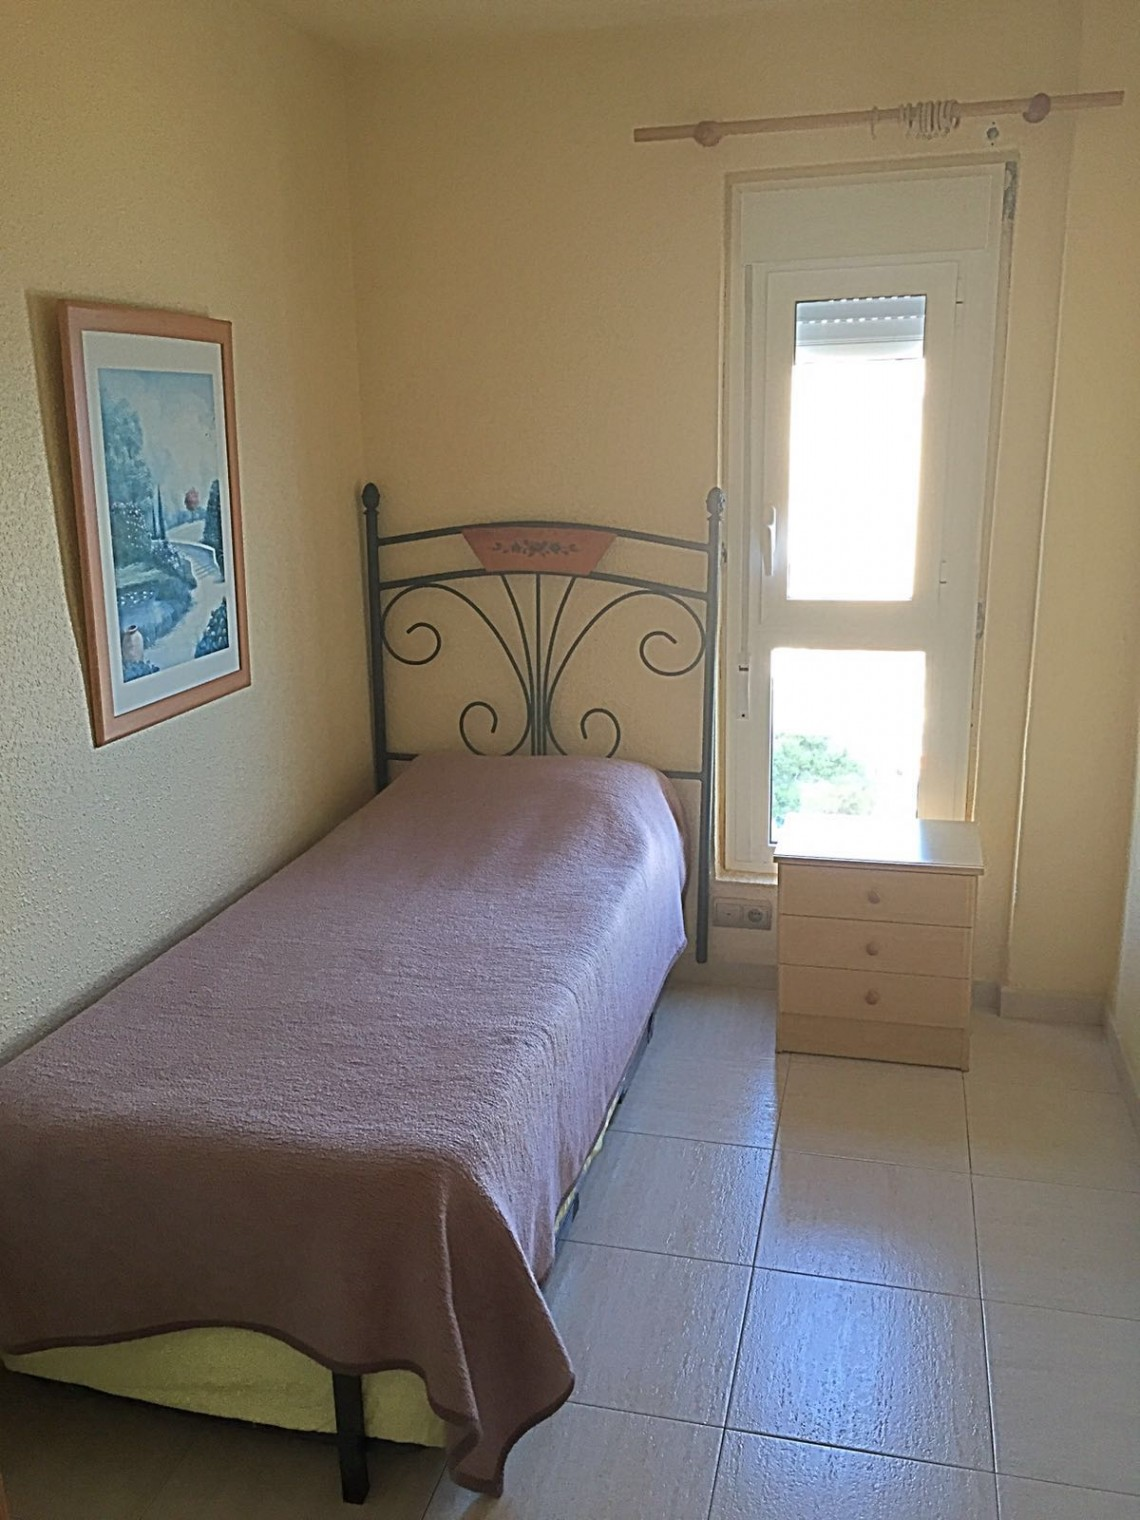 Estupendo piso en primera l nea para alquilar en vacaciones inmuebles - Pisos para alquilar ...